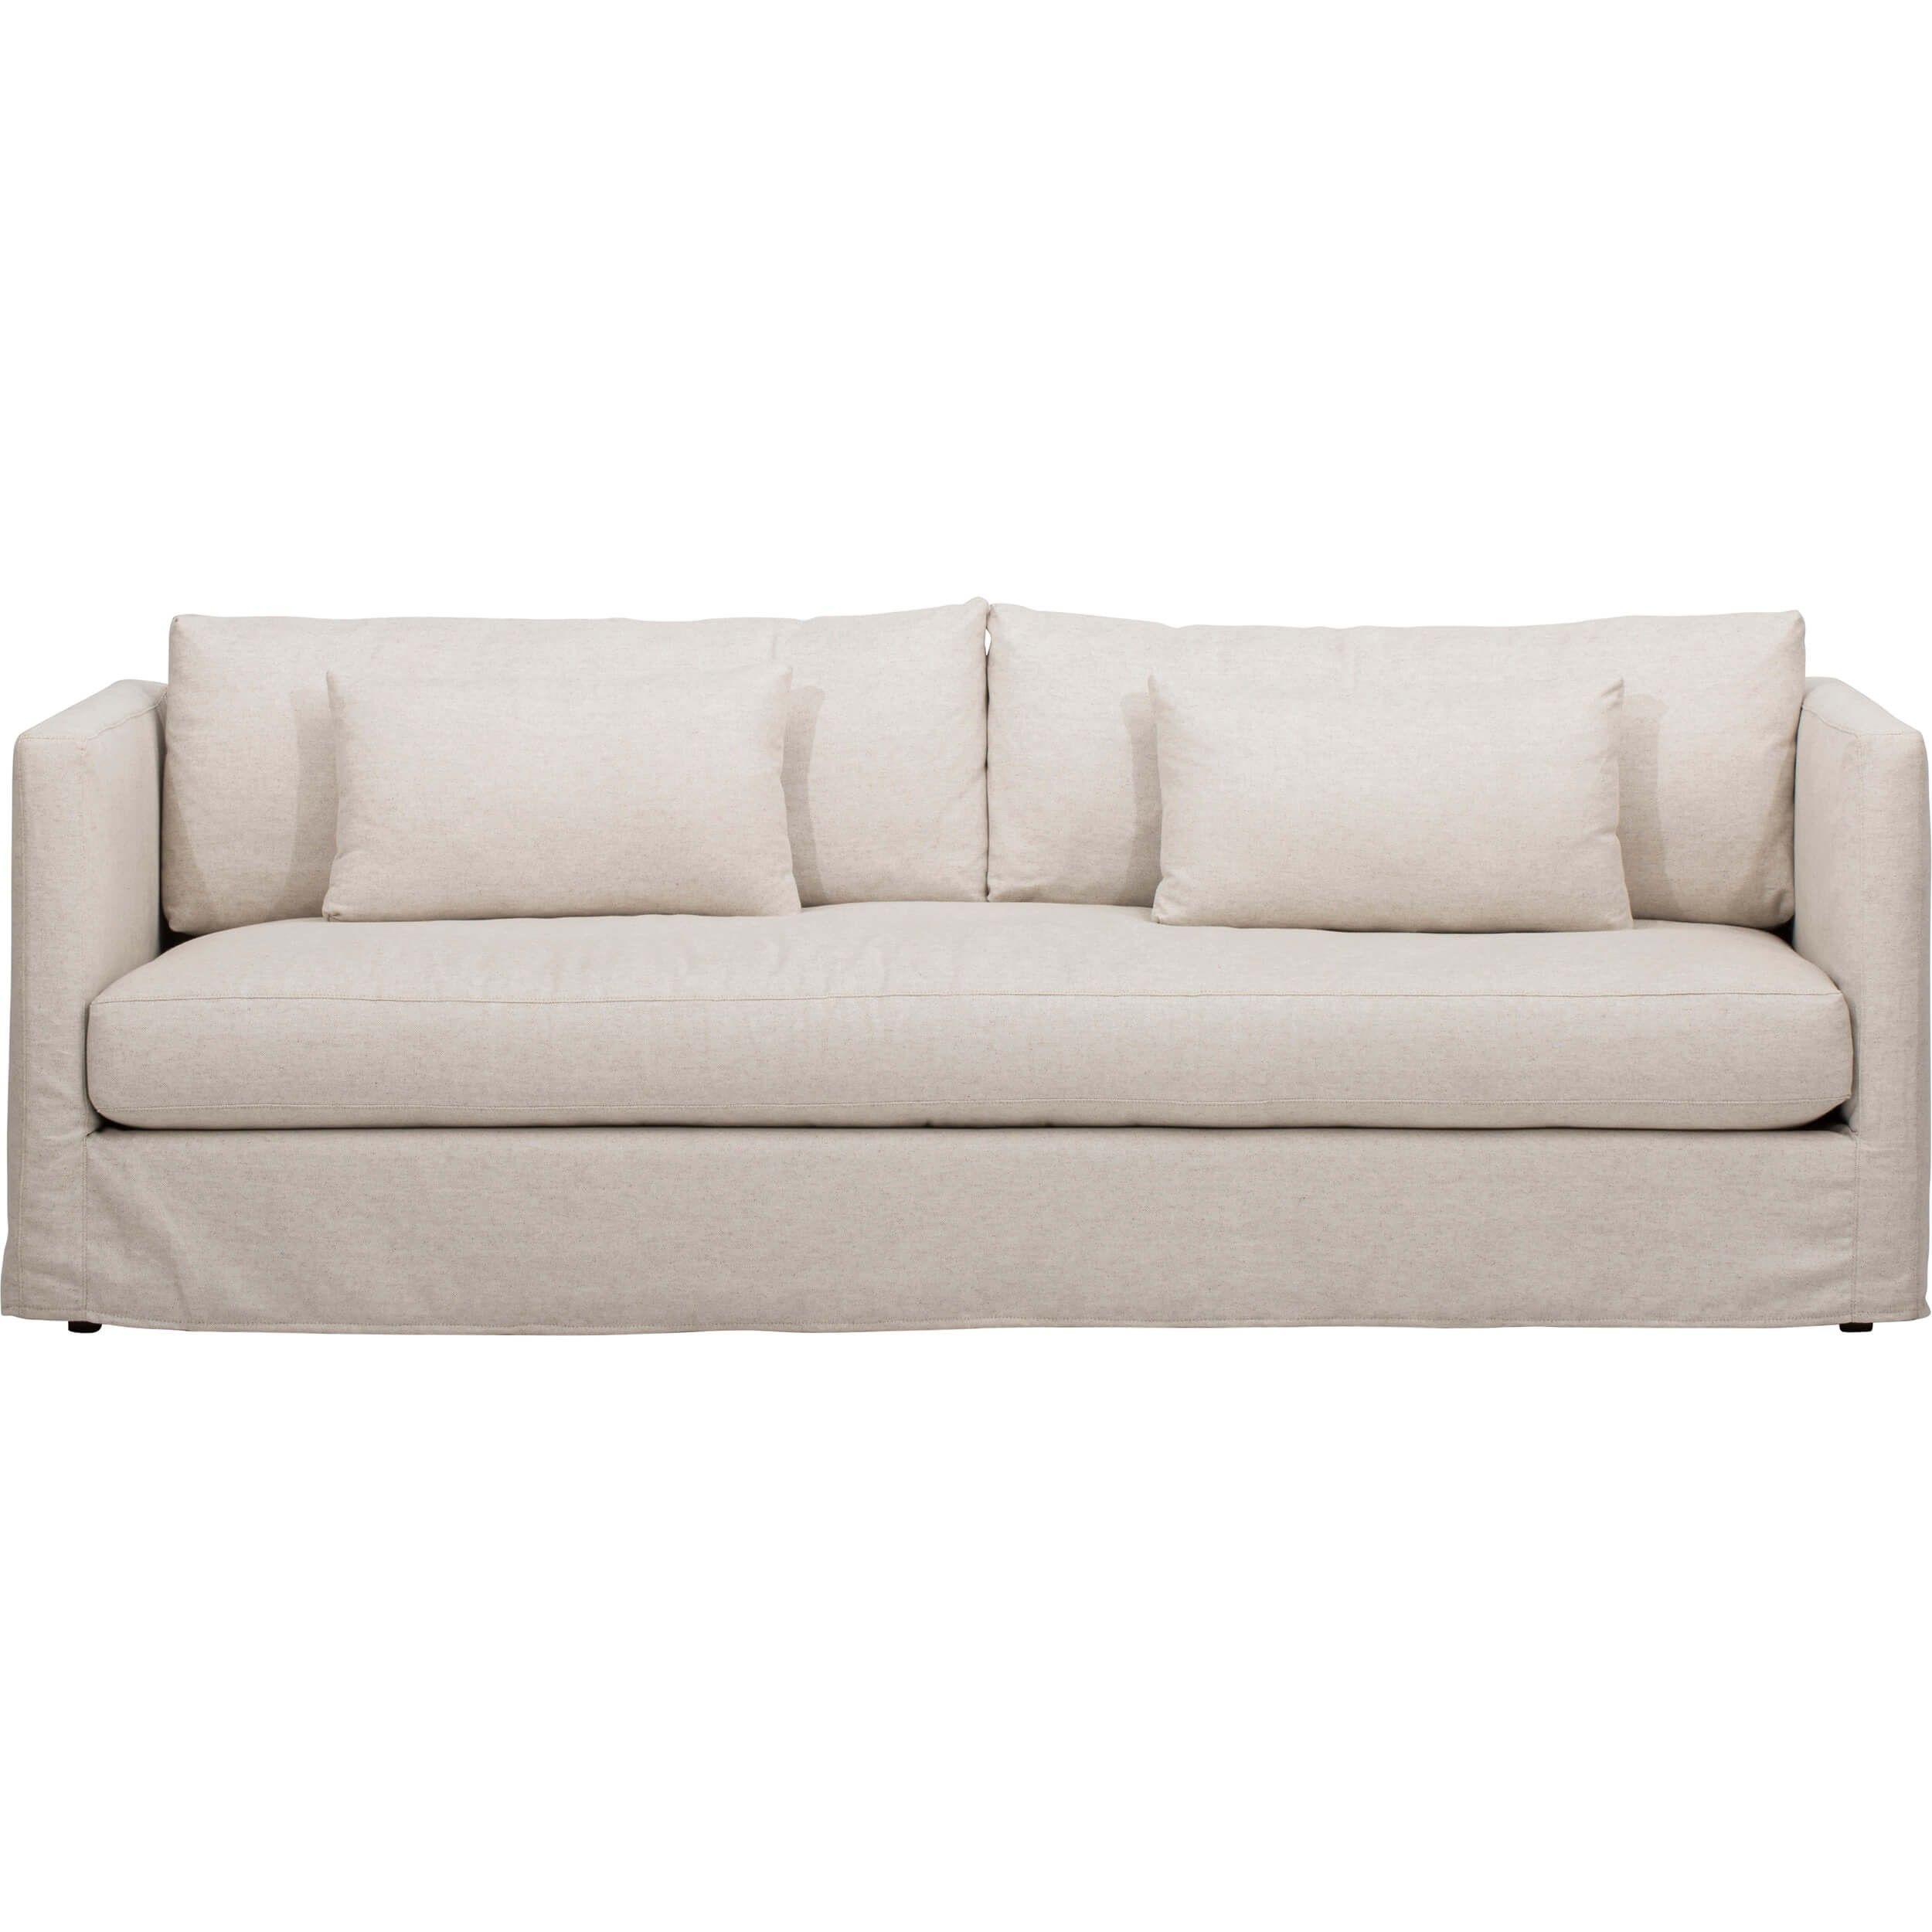 Lucinda Grand Slipcover Sofa, Duet Natural